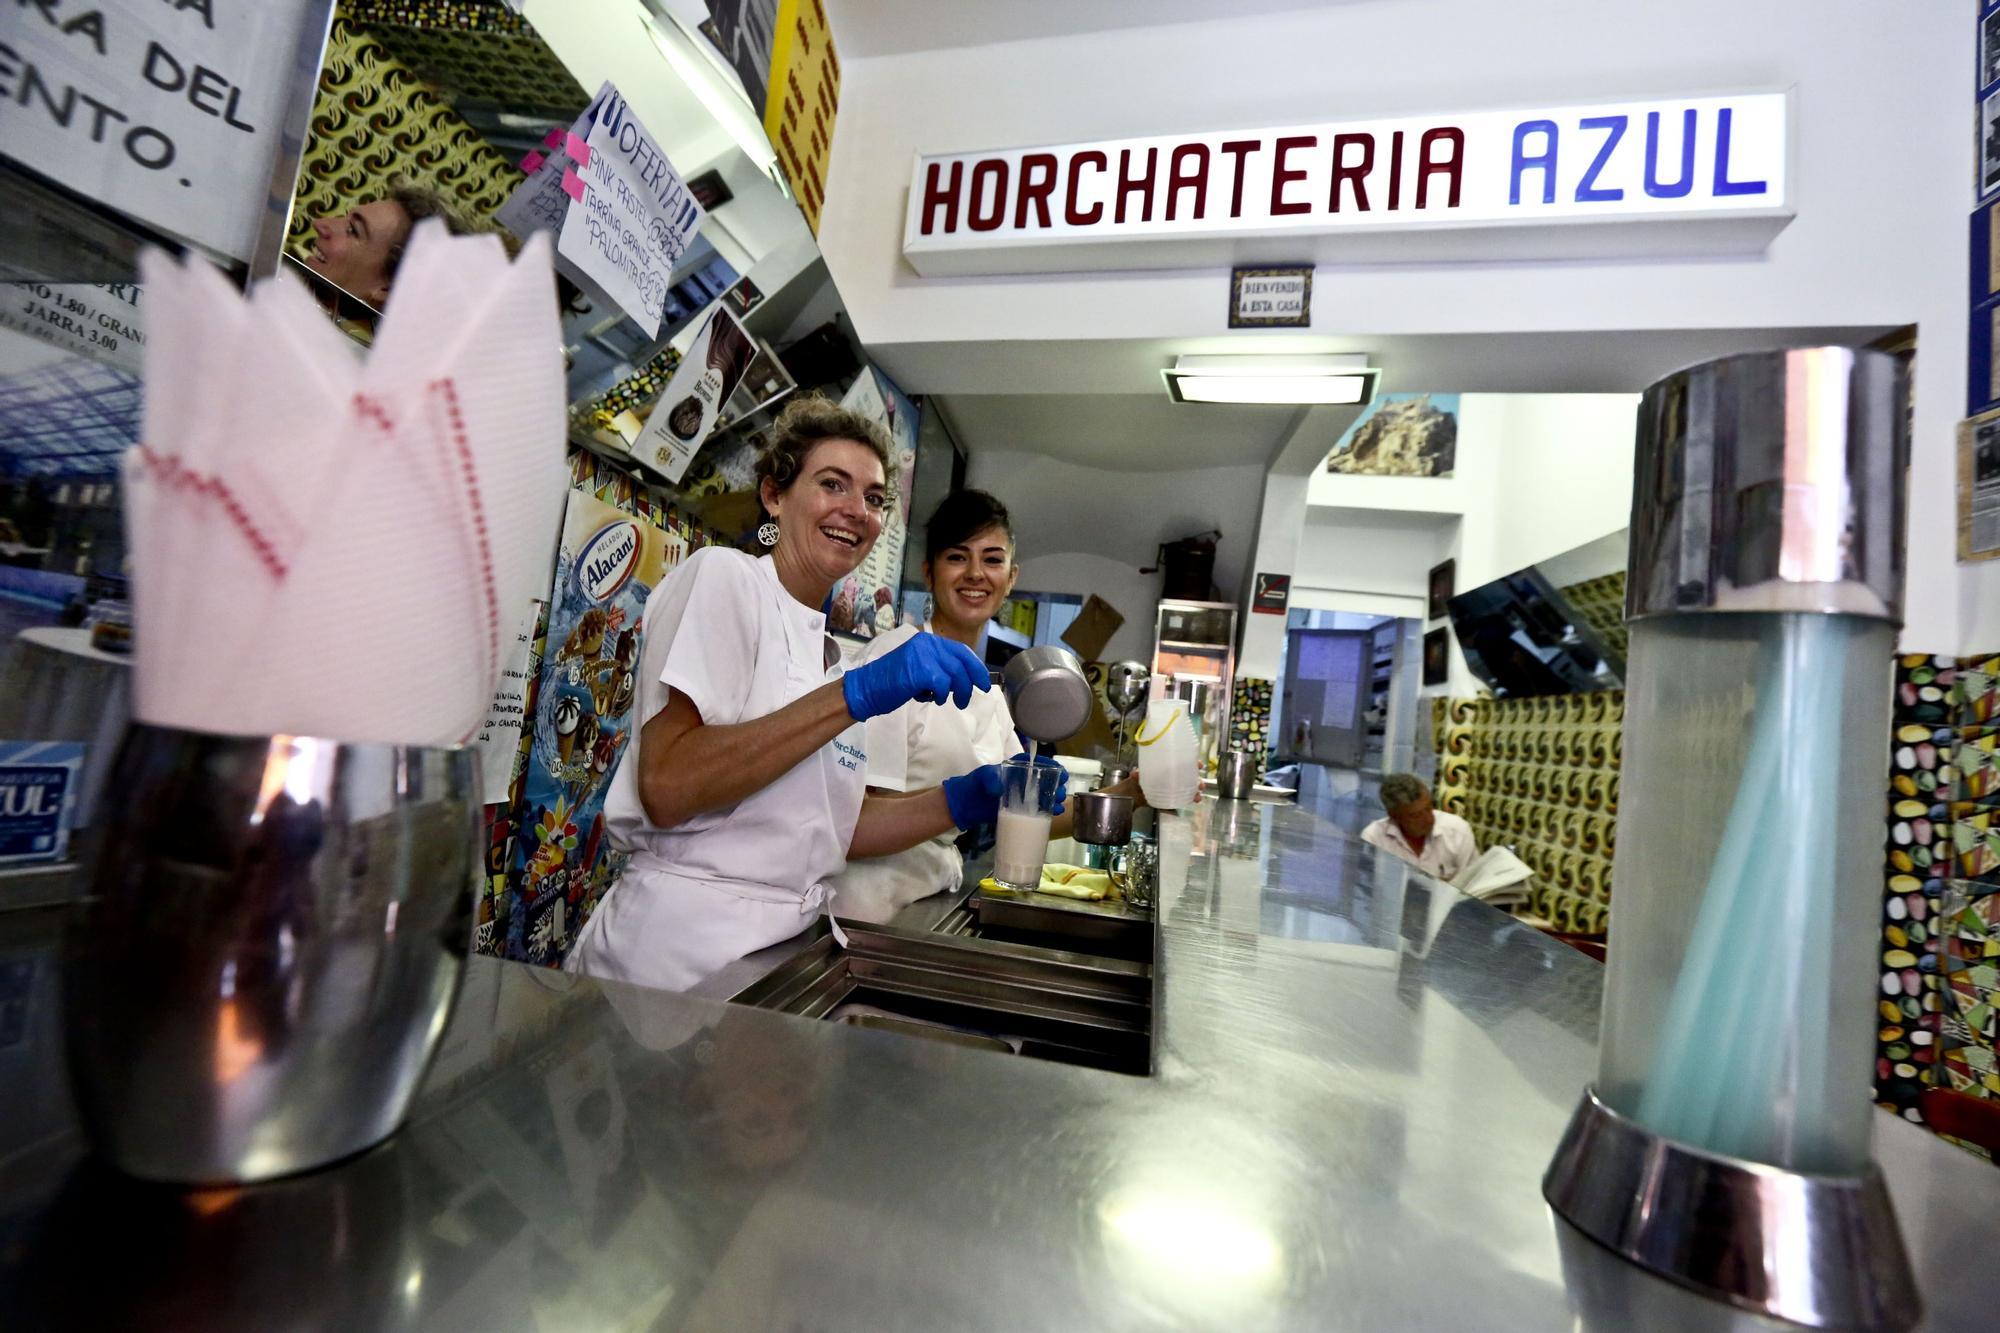 3. horchata.jpg